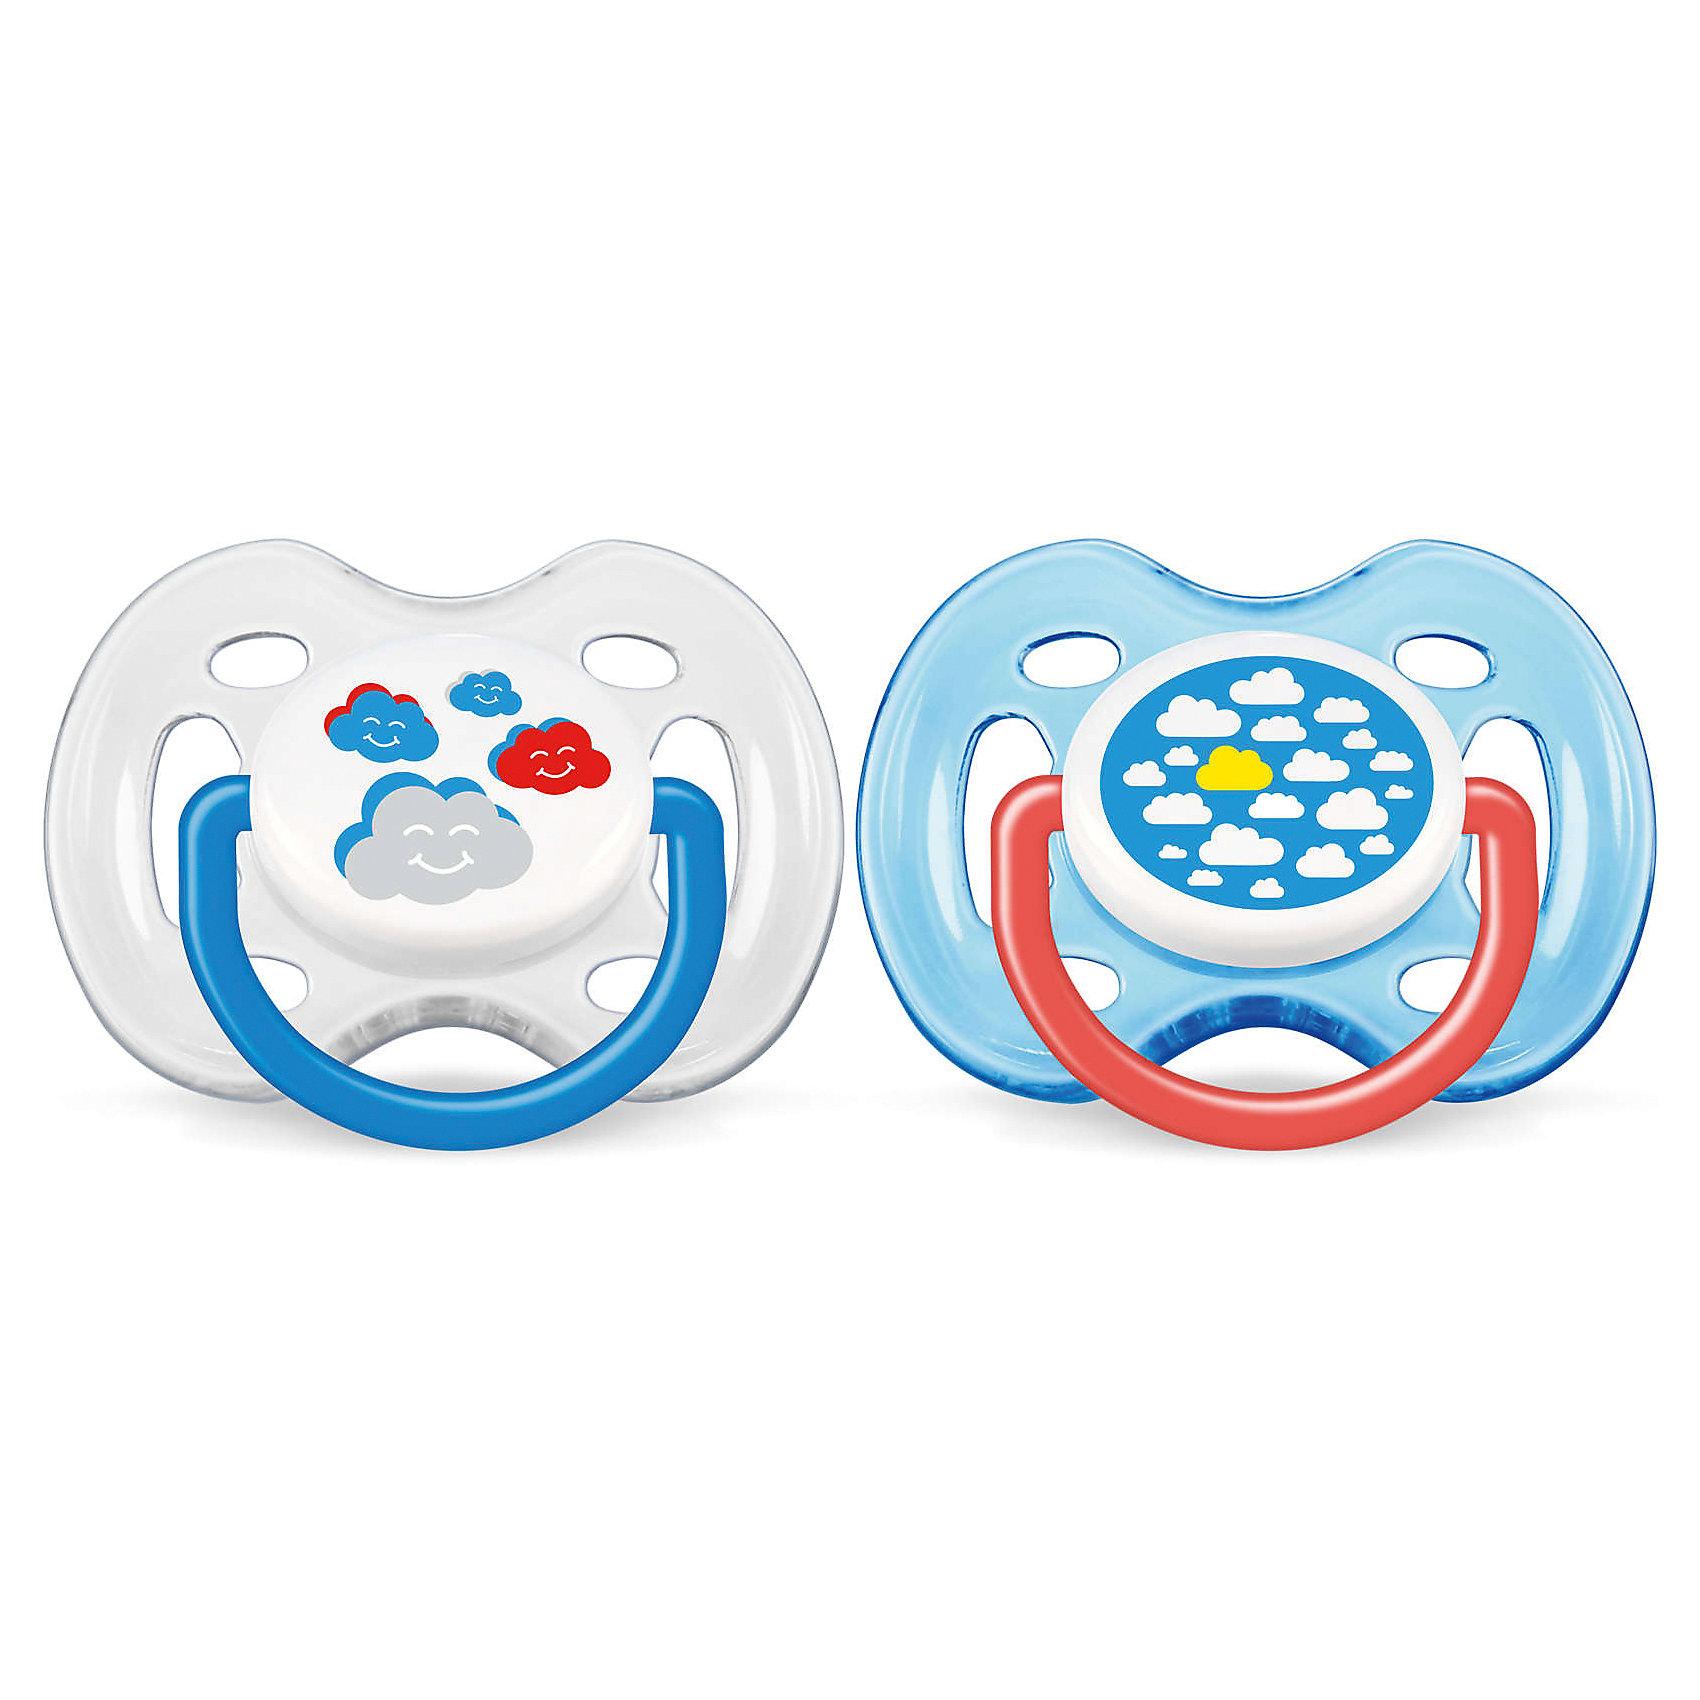 Соска-пустышка 0-6 мес, 2 шт, Classic, Philips Avent, белый/синийНевероятно удобная, симметрично мягкая соска-пустышка специально для Вашего ребенка! Соска выполнена учитывая строение и естественное развитие неба, зубов и десен малыша и гарантирует комфорт.<br><br>Дополнительная информация:<br><br>- Возраст: с рождения и до 6 месяцев.<br>- Кол-во в упаковке: 2 шт.<br>- Цвет: белый/синий<br>- Состав: высококачественный силикон.<br>- Размер упаковки: 5х10х10 см.<br>- Вес в упаковке: 63 г.<br><br>Купить соску-пустышку Classiс от Philips Avent, можно в нашем магазине.<br><br>Ширина мм: 50<br>Глубина мм: 100<br>Высота мм: 100<br>Вес г: 63<br>Возраст от месяцев: 0<br>Возраст до месяцев: 6<br>Пол: Женский<br>Возраст: Детский<br>SKU: 4936373